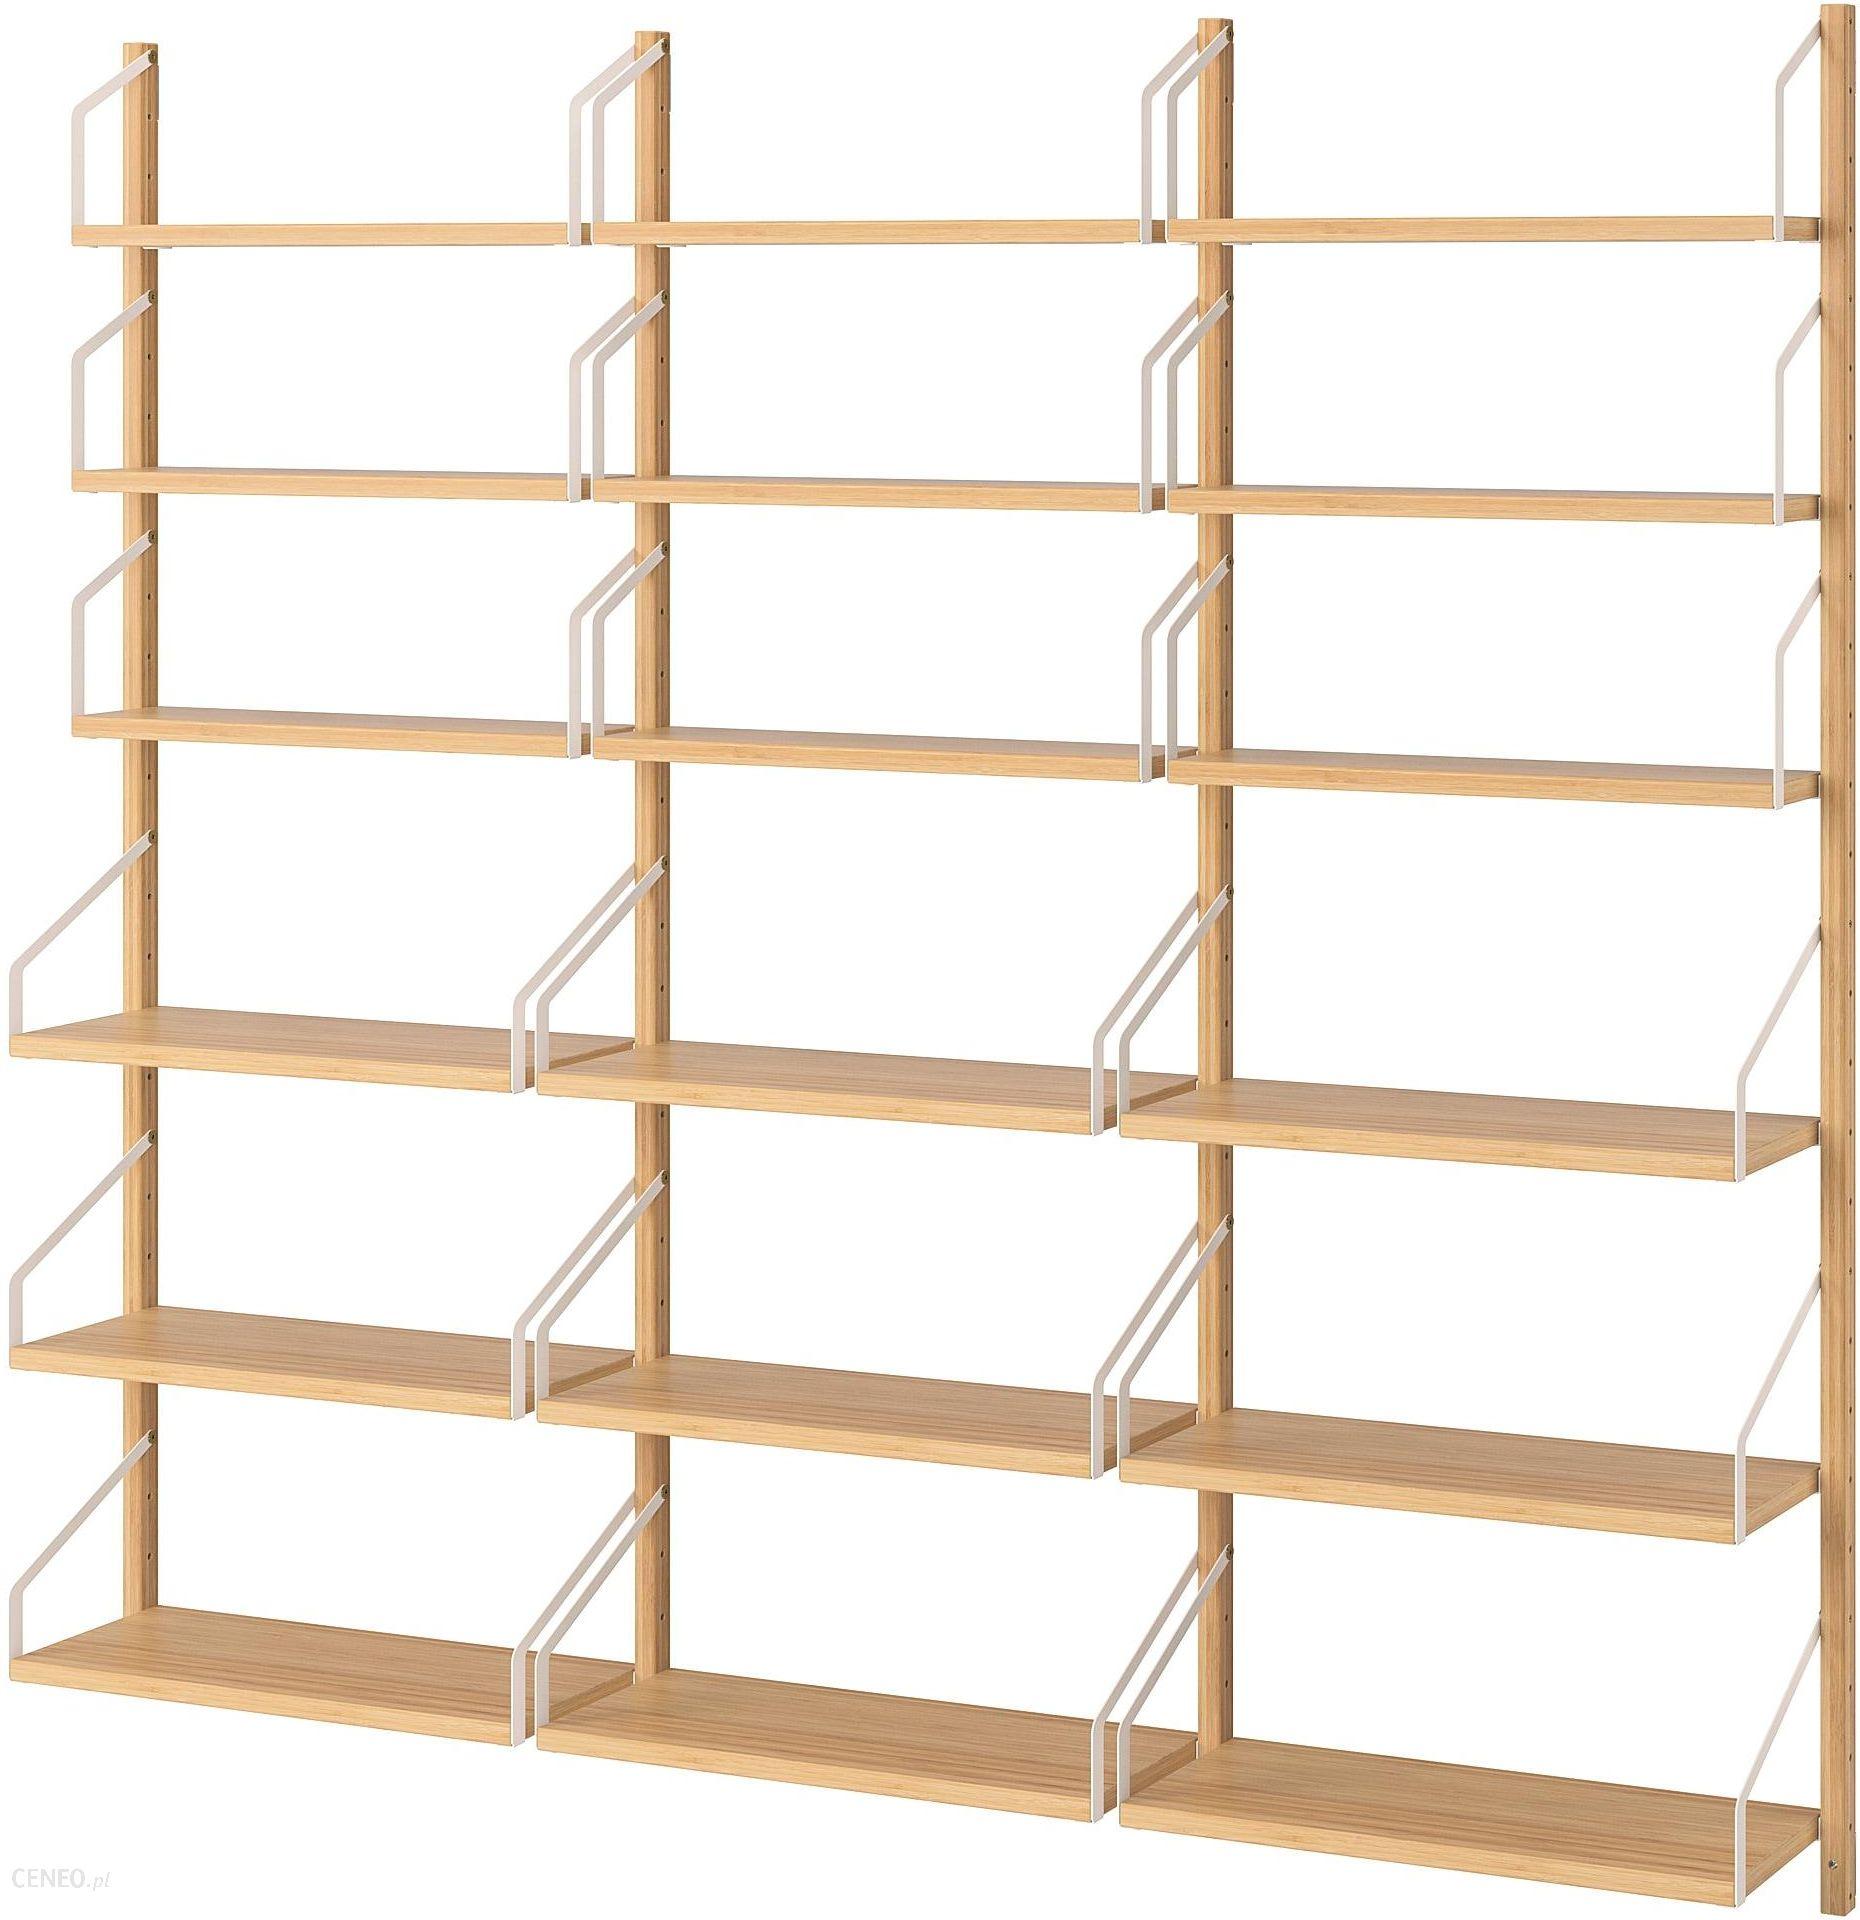 Ikea Svalnas Regał Montowany Do ściany S29184433 Opinie I Atrakcyjne Ceny Na Ceneopl